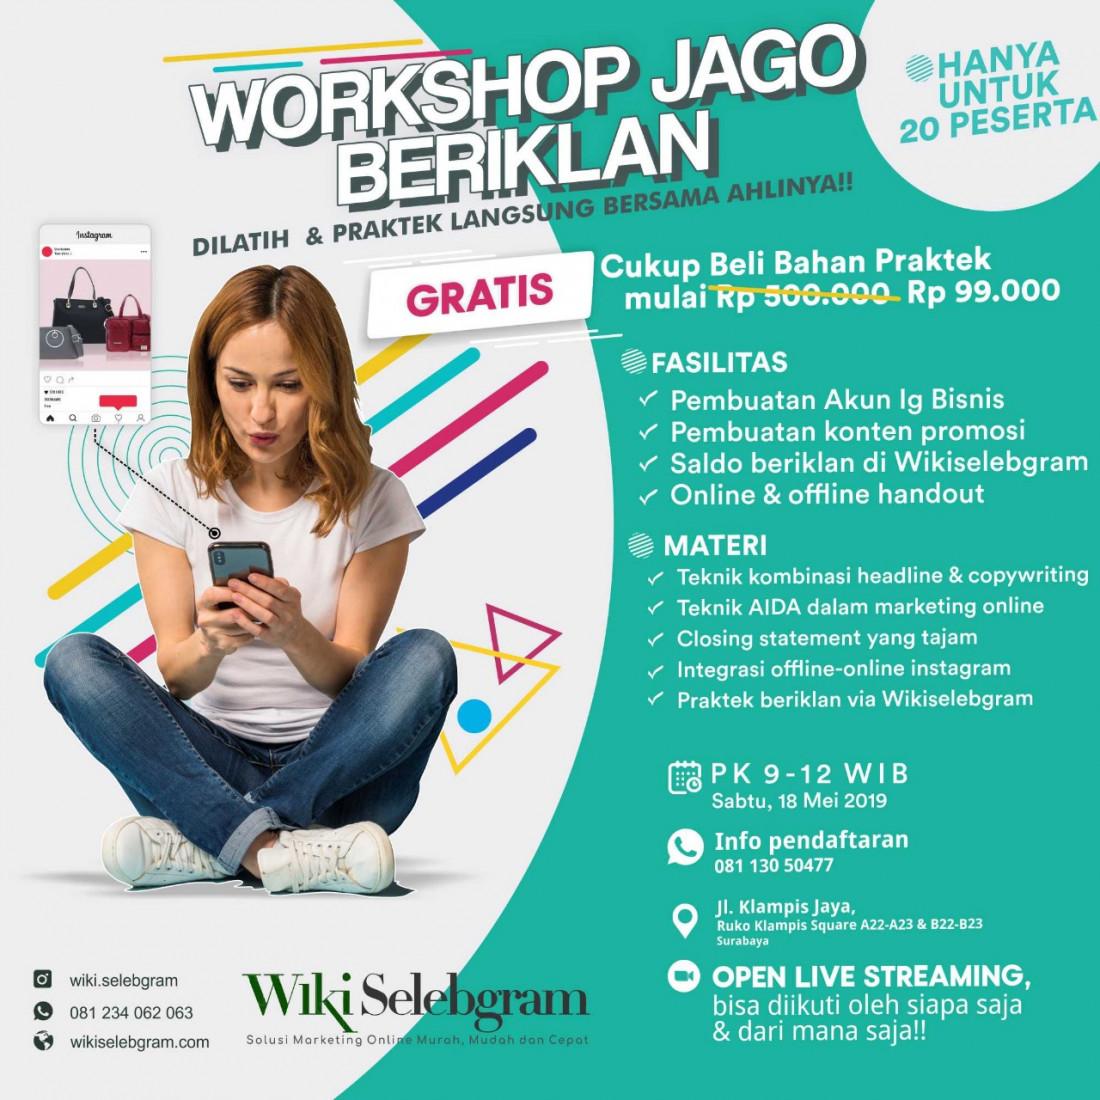 Workshop Jago Beriklan, Dilatih & Praktek Langsung bersama Ahlinya